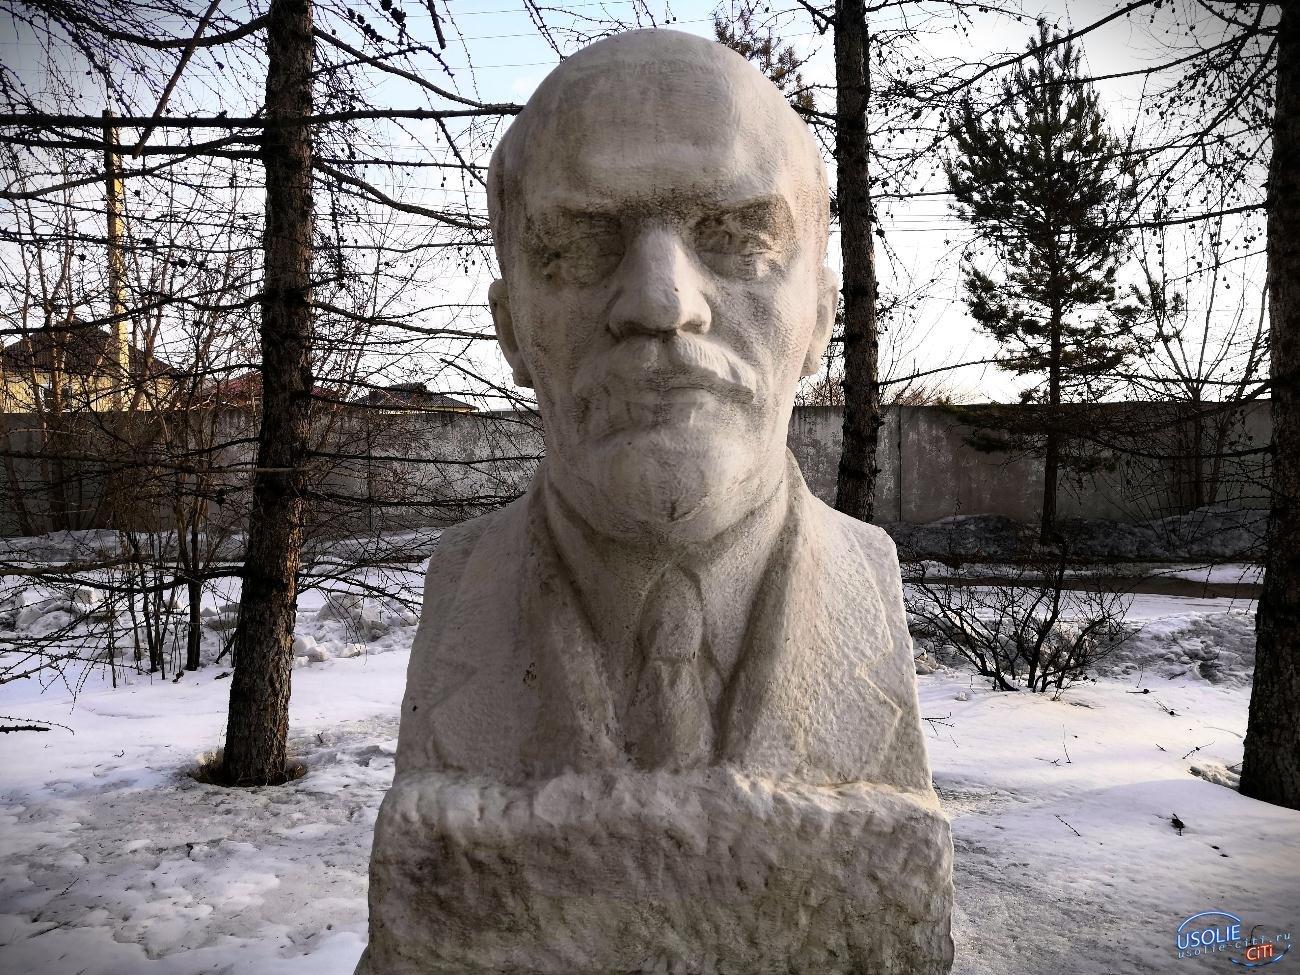 Грязный и обшарпанный Ленин в Усолье стоит